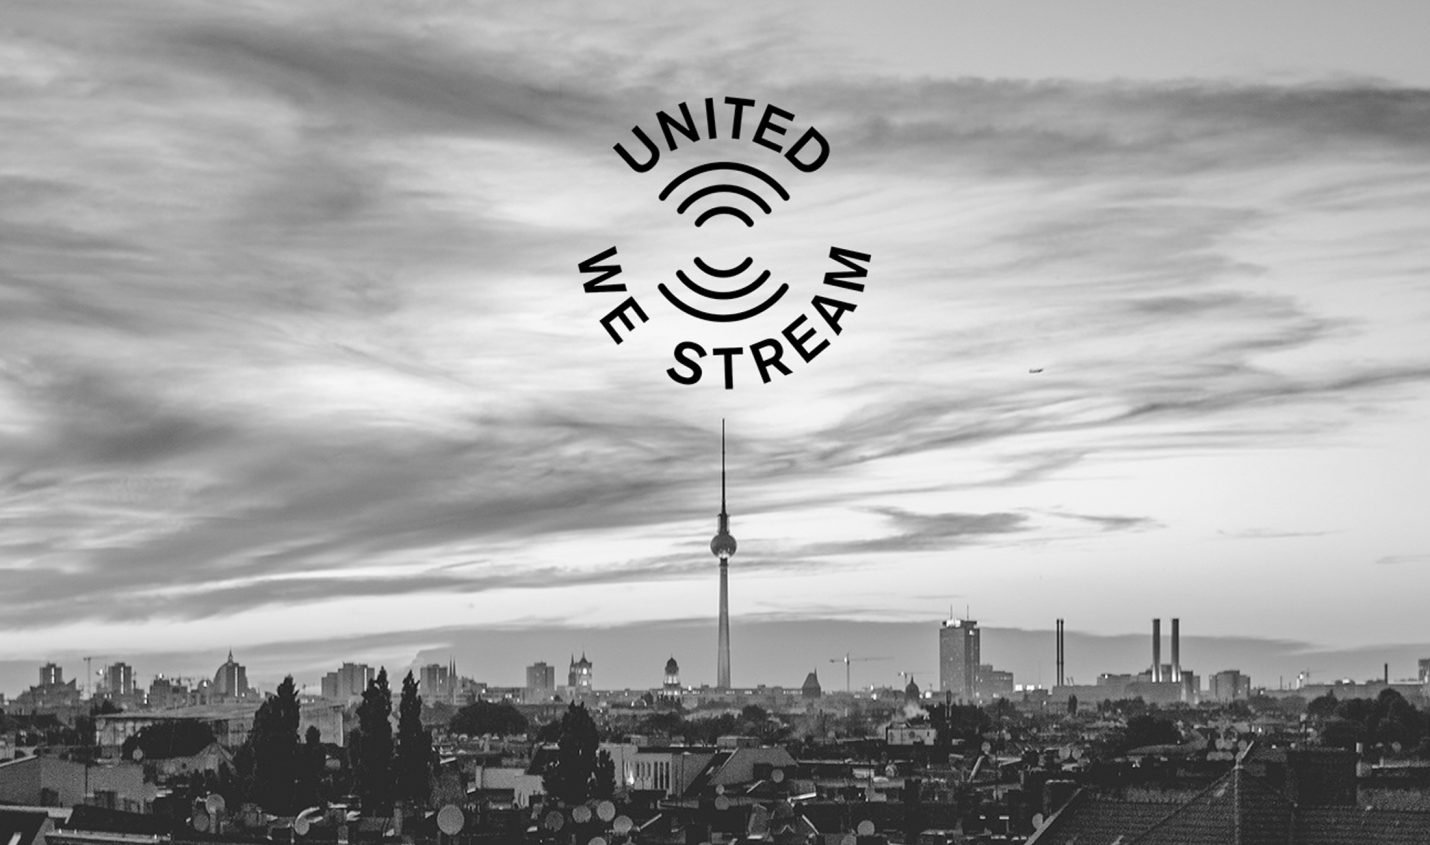 #UnitedWeStream: Virtueller digitaler Club und Spendenaktion